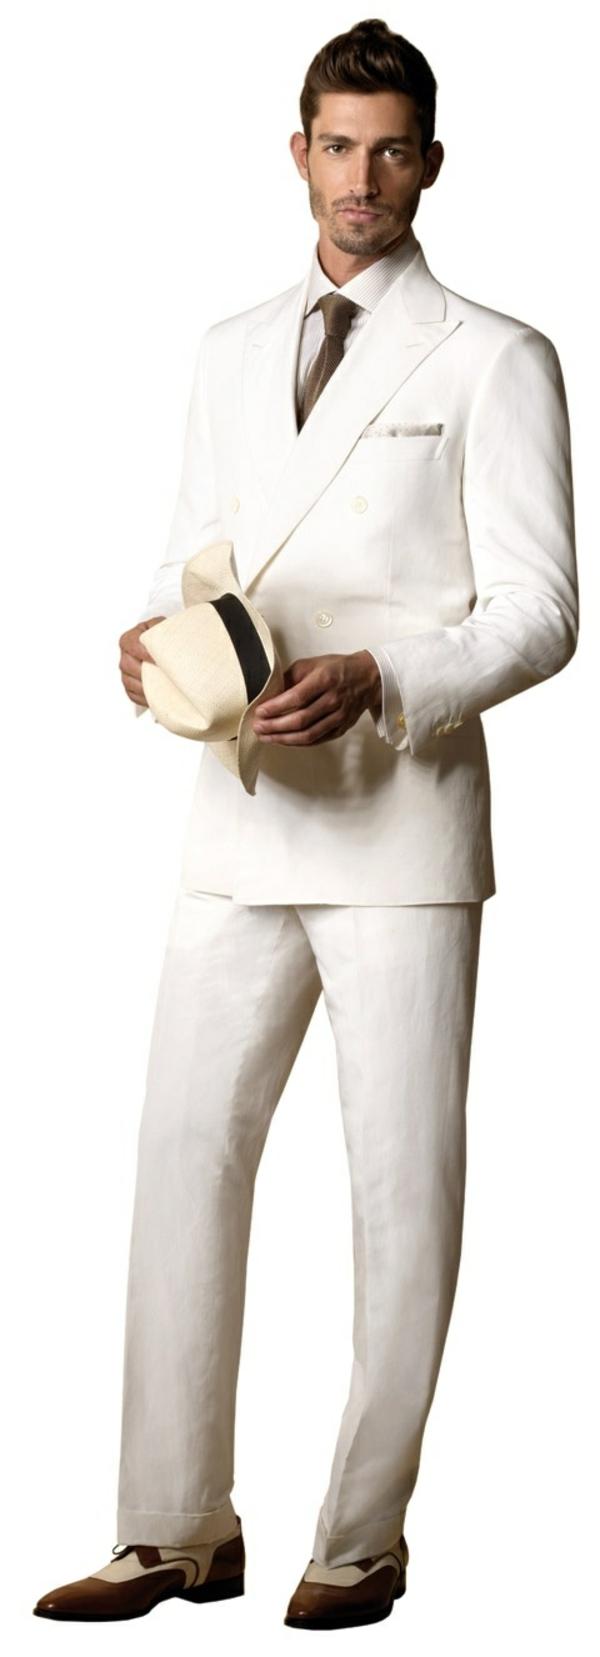 brioni herrenmode italienischer anzug modern weiß